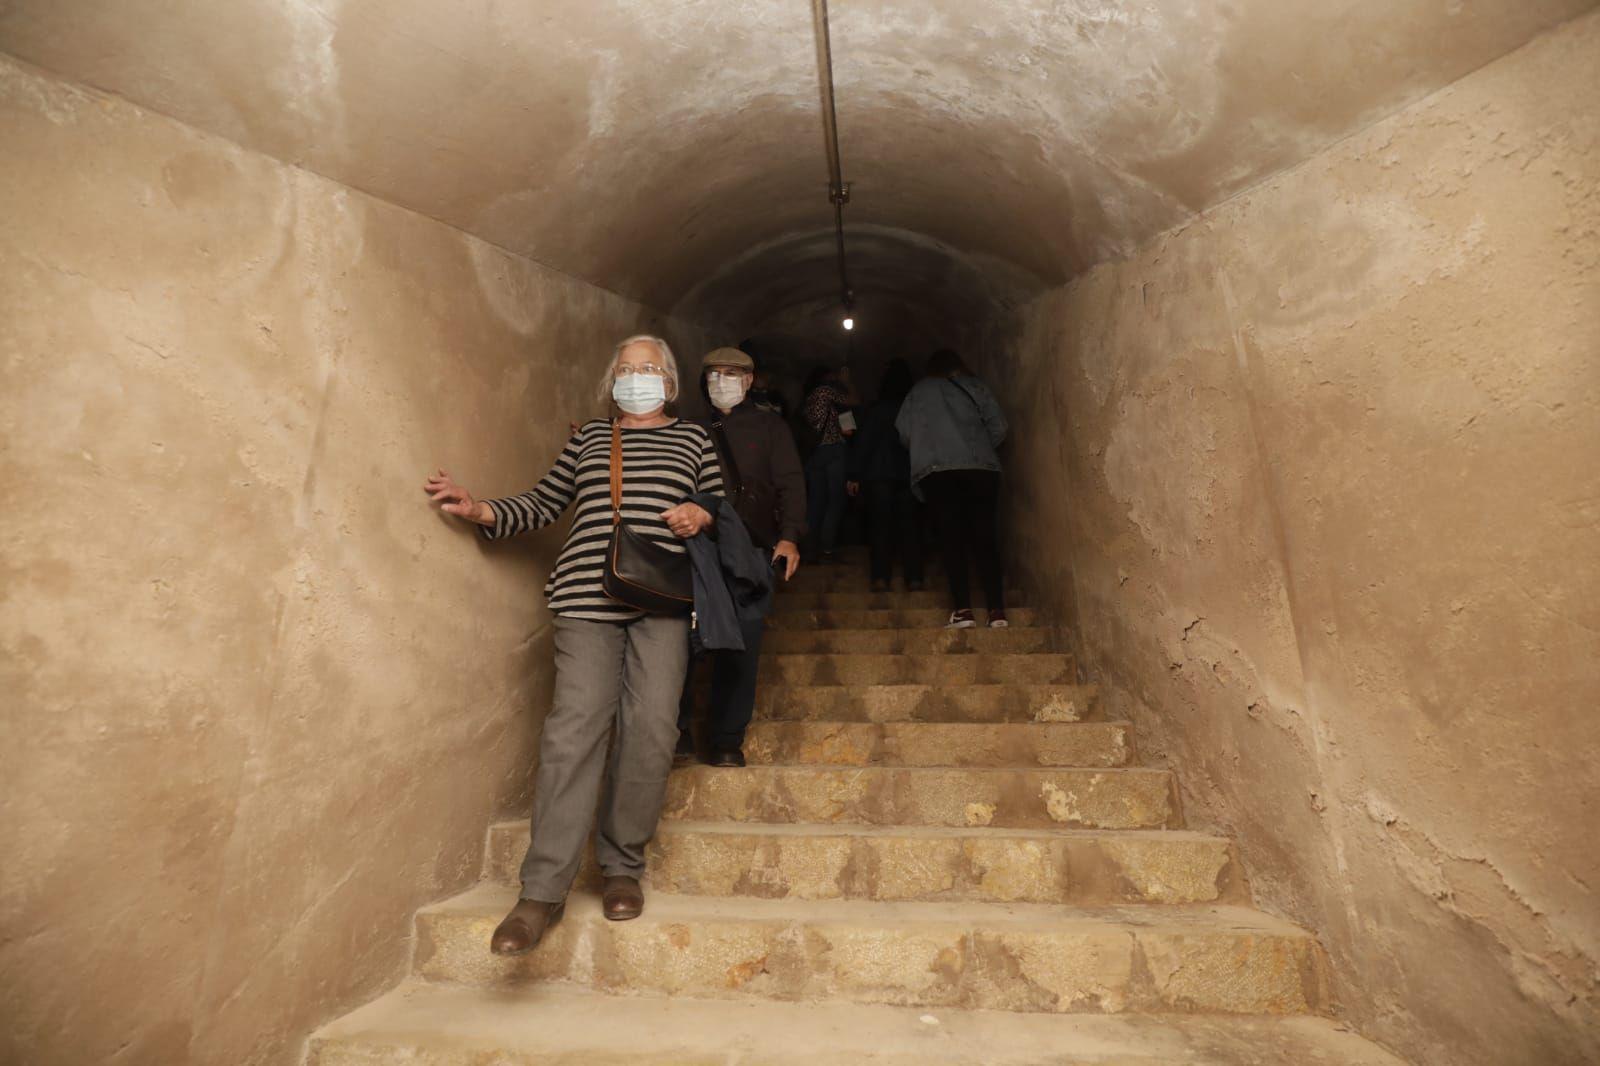 Refugios de la Guerra Civil en Palma: 60 personas visitan un claustrofóbico museo de la memoria